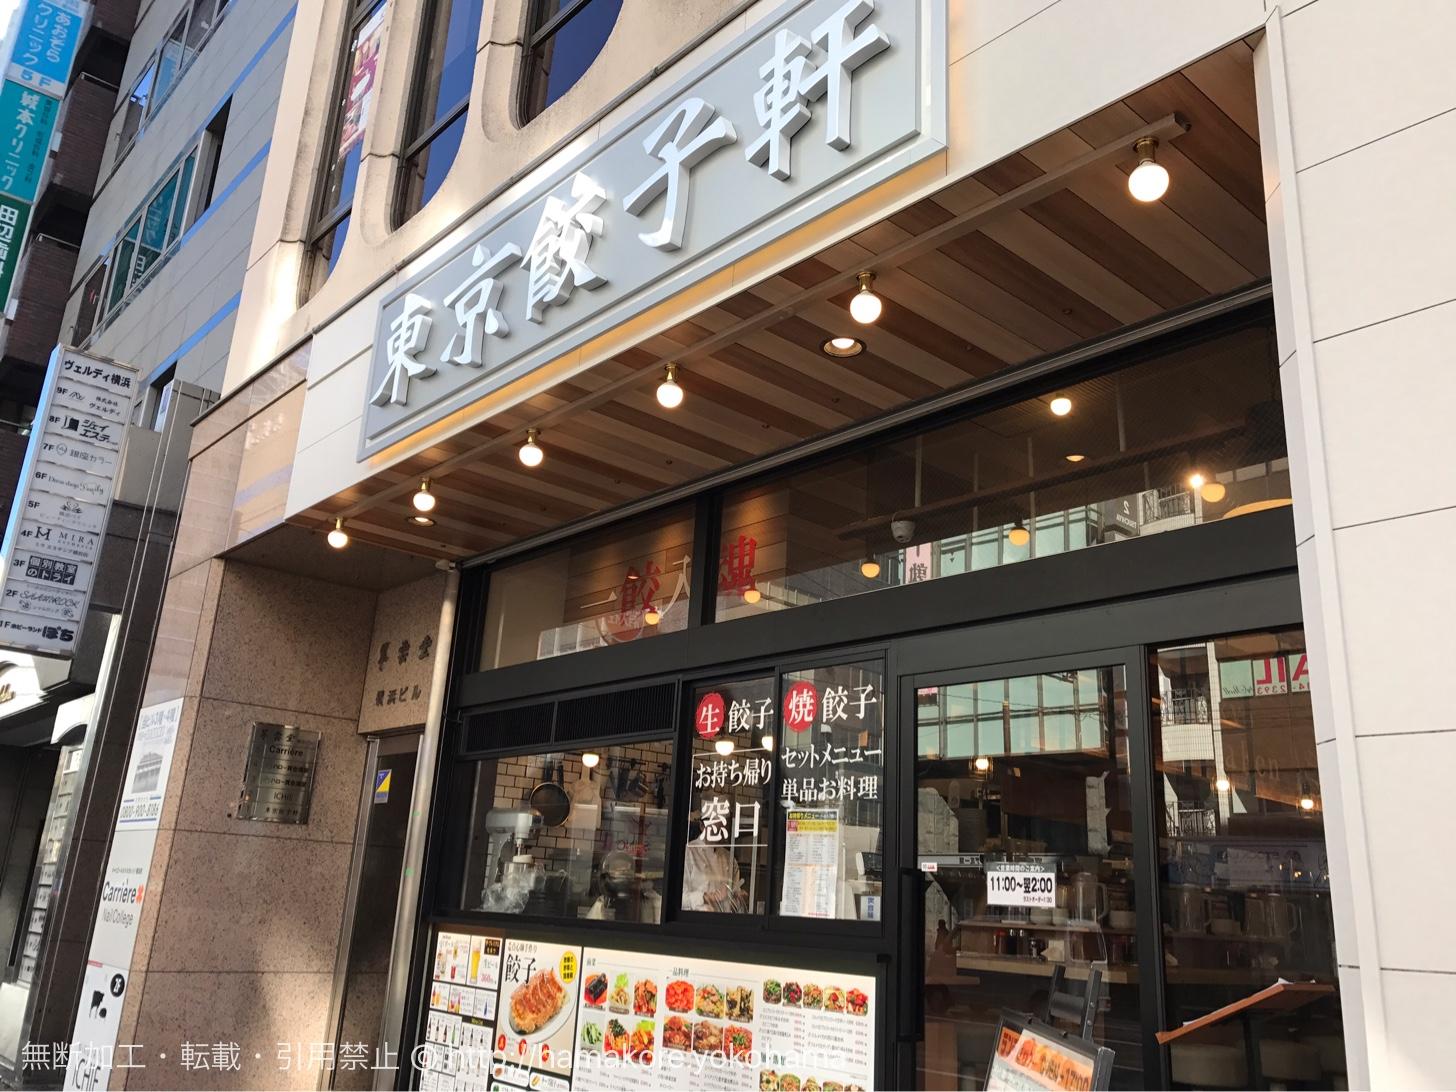 東京餃子軒 横浜西口店 外観